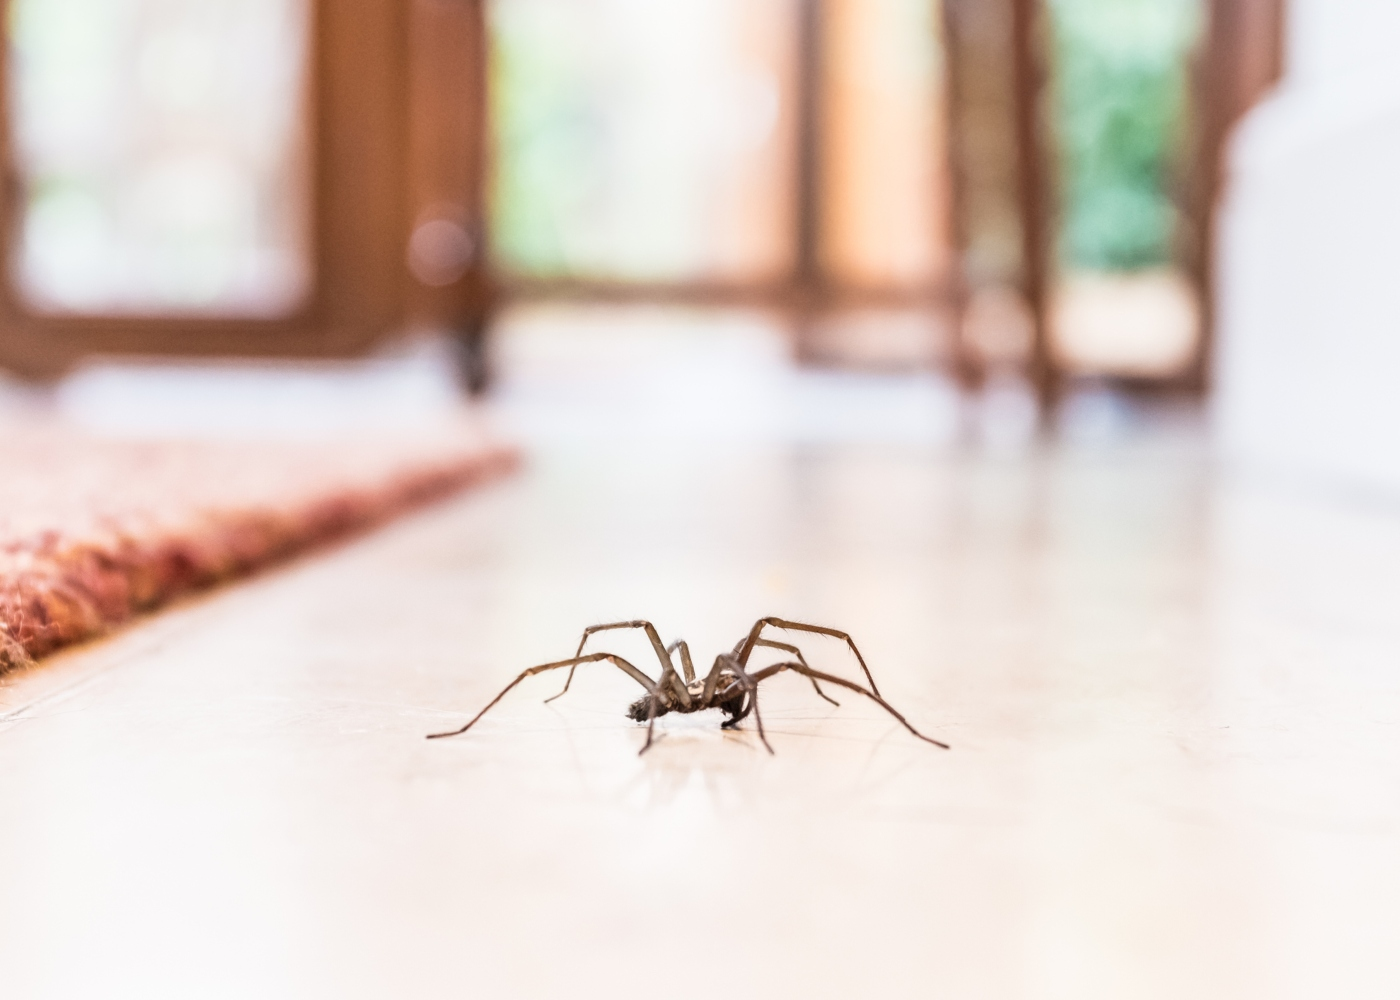 um dos insetos em casa, no chão